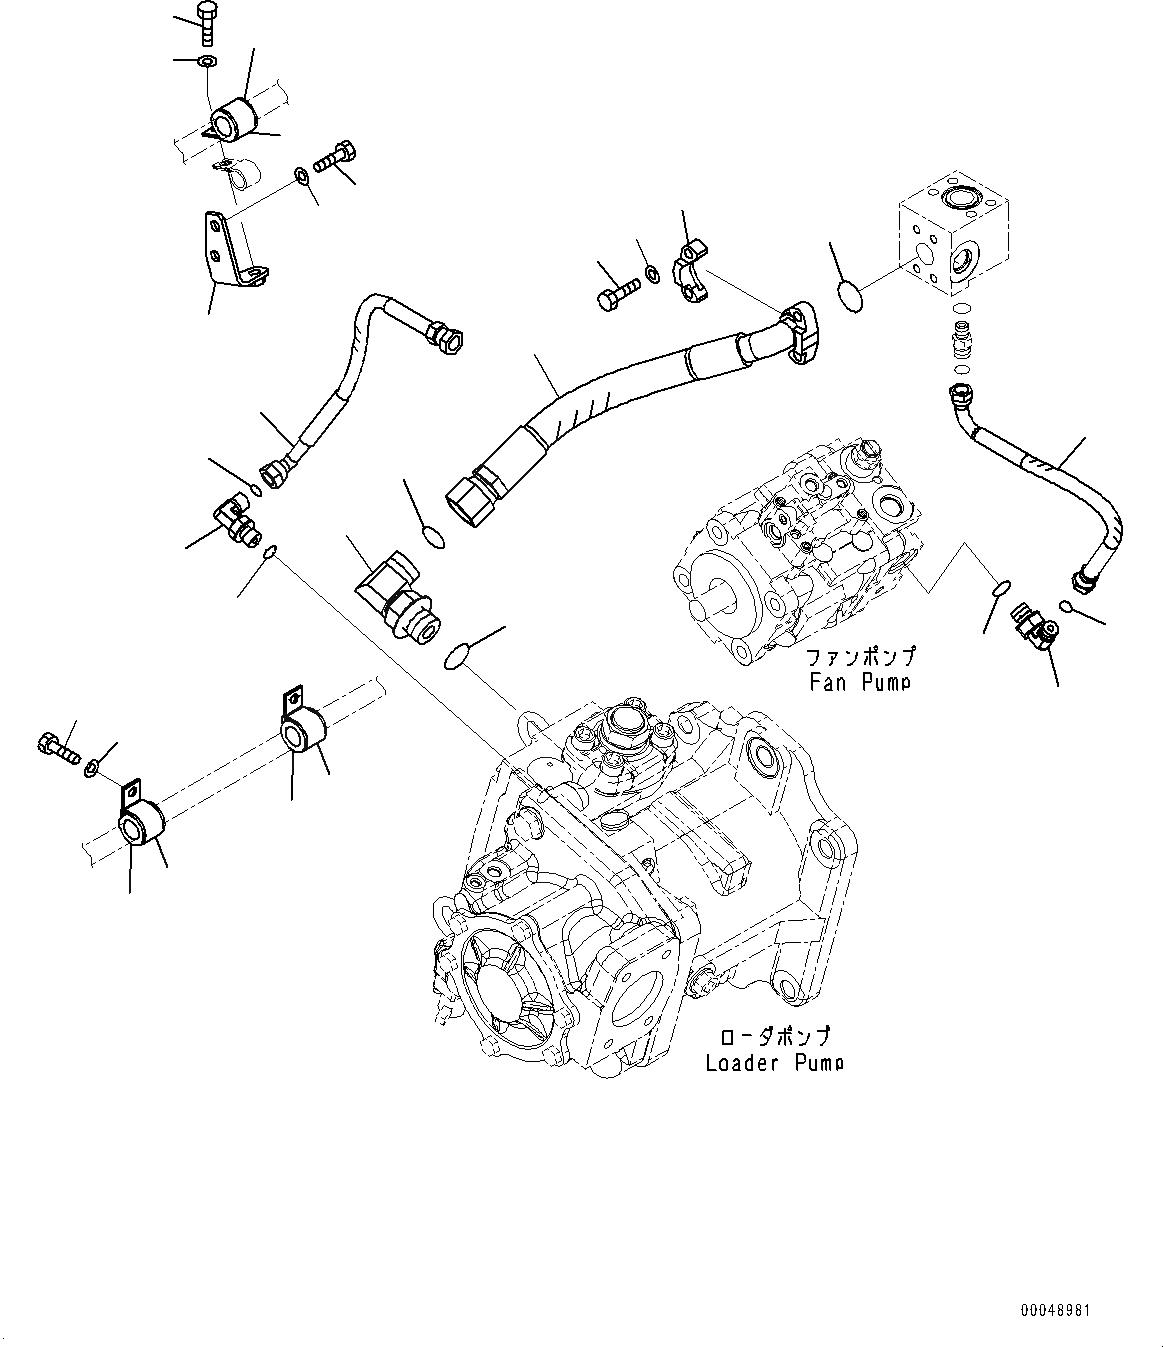 02764-00203 Komatsu ШЛАНГ